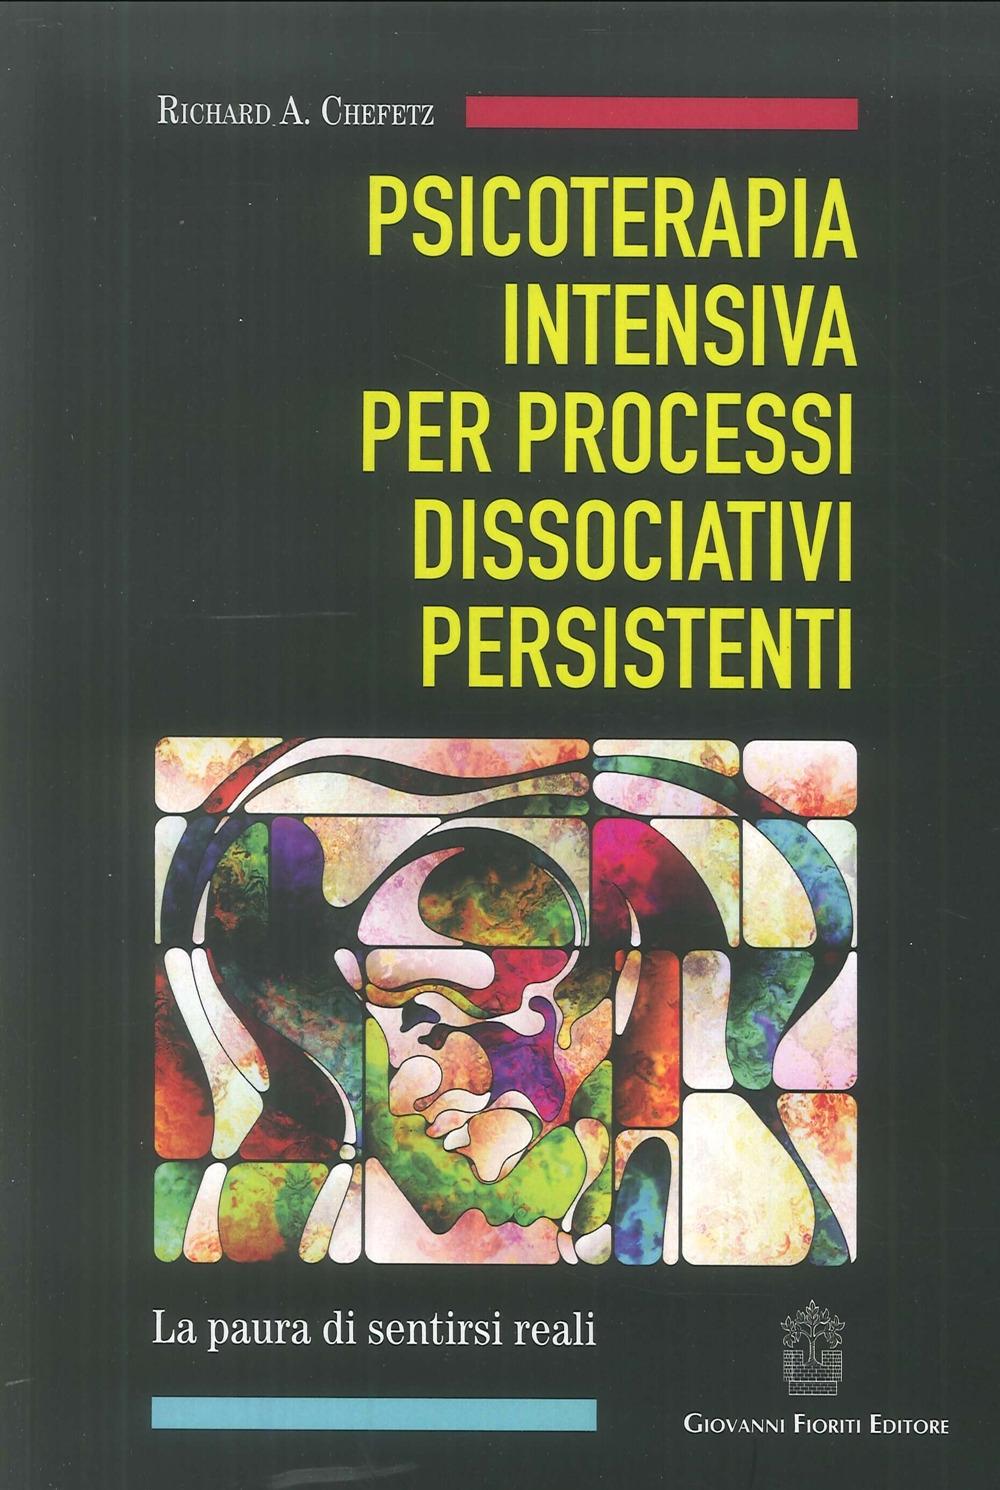 Psicoterapia Intensiva per Processi Dissociativi Persistenti